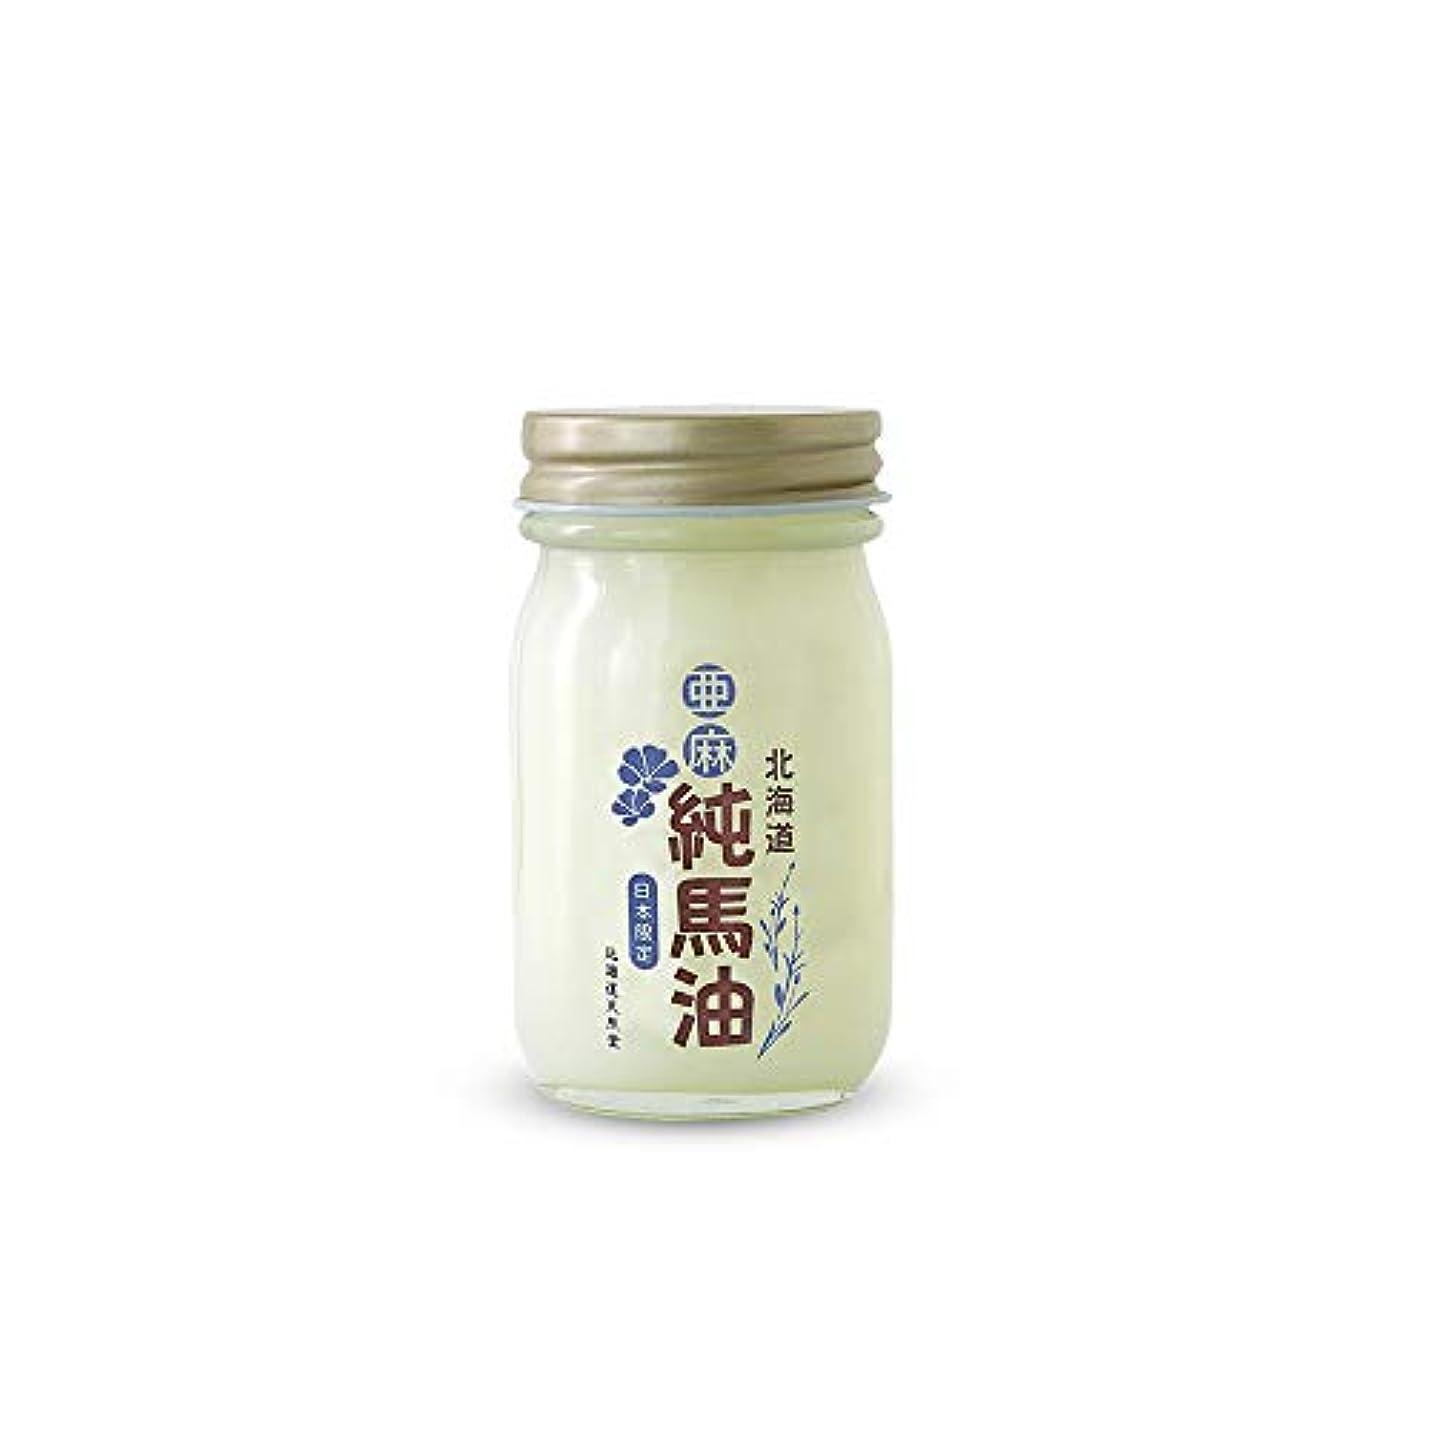 クルーズシリング破裂アマ純馬油 80g / 北海道天然堂